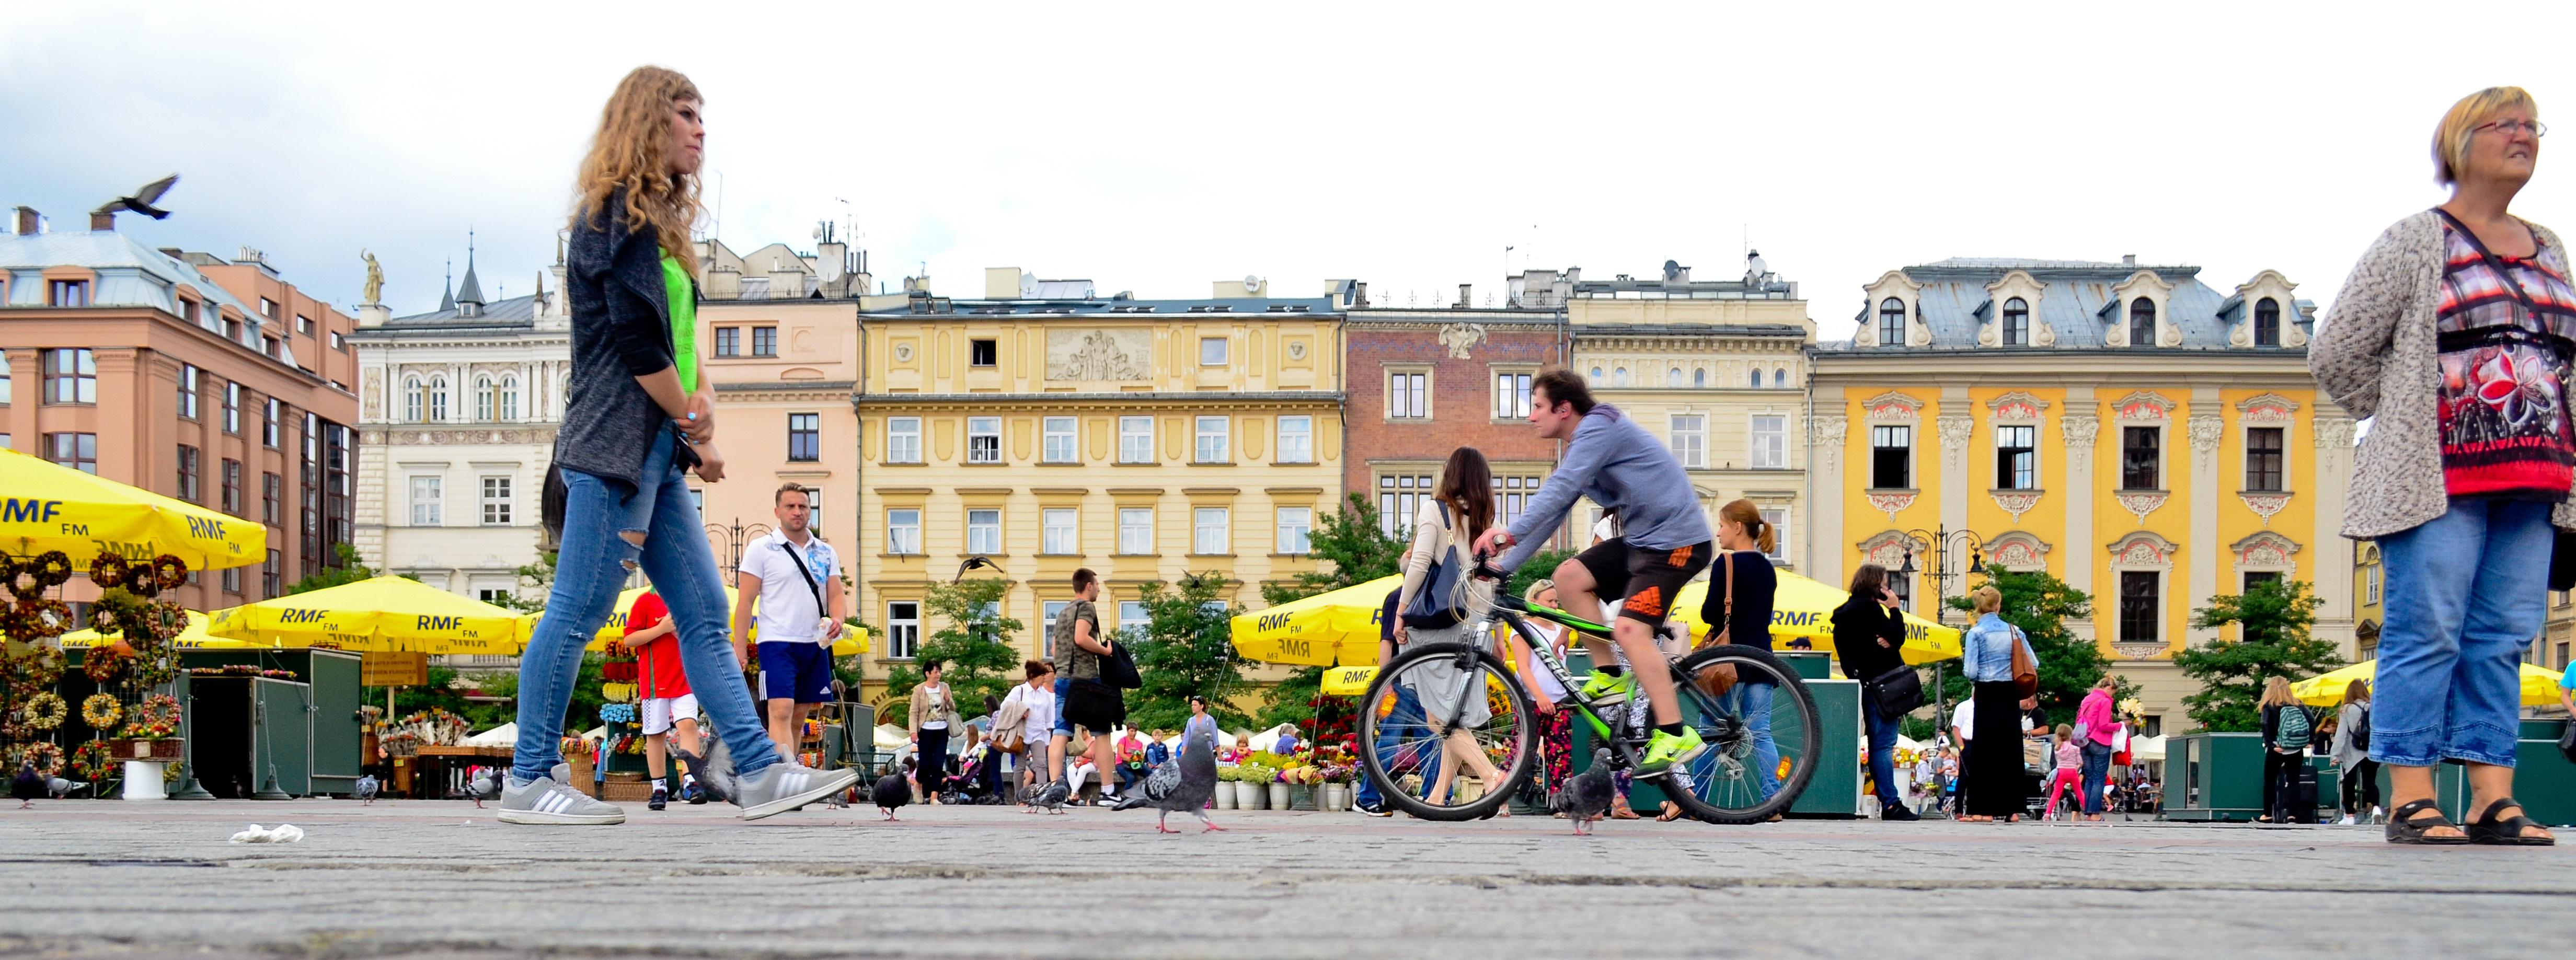 Krakow, Bild von Mickey Estes auf Pixabay